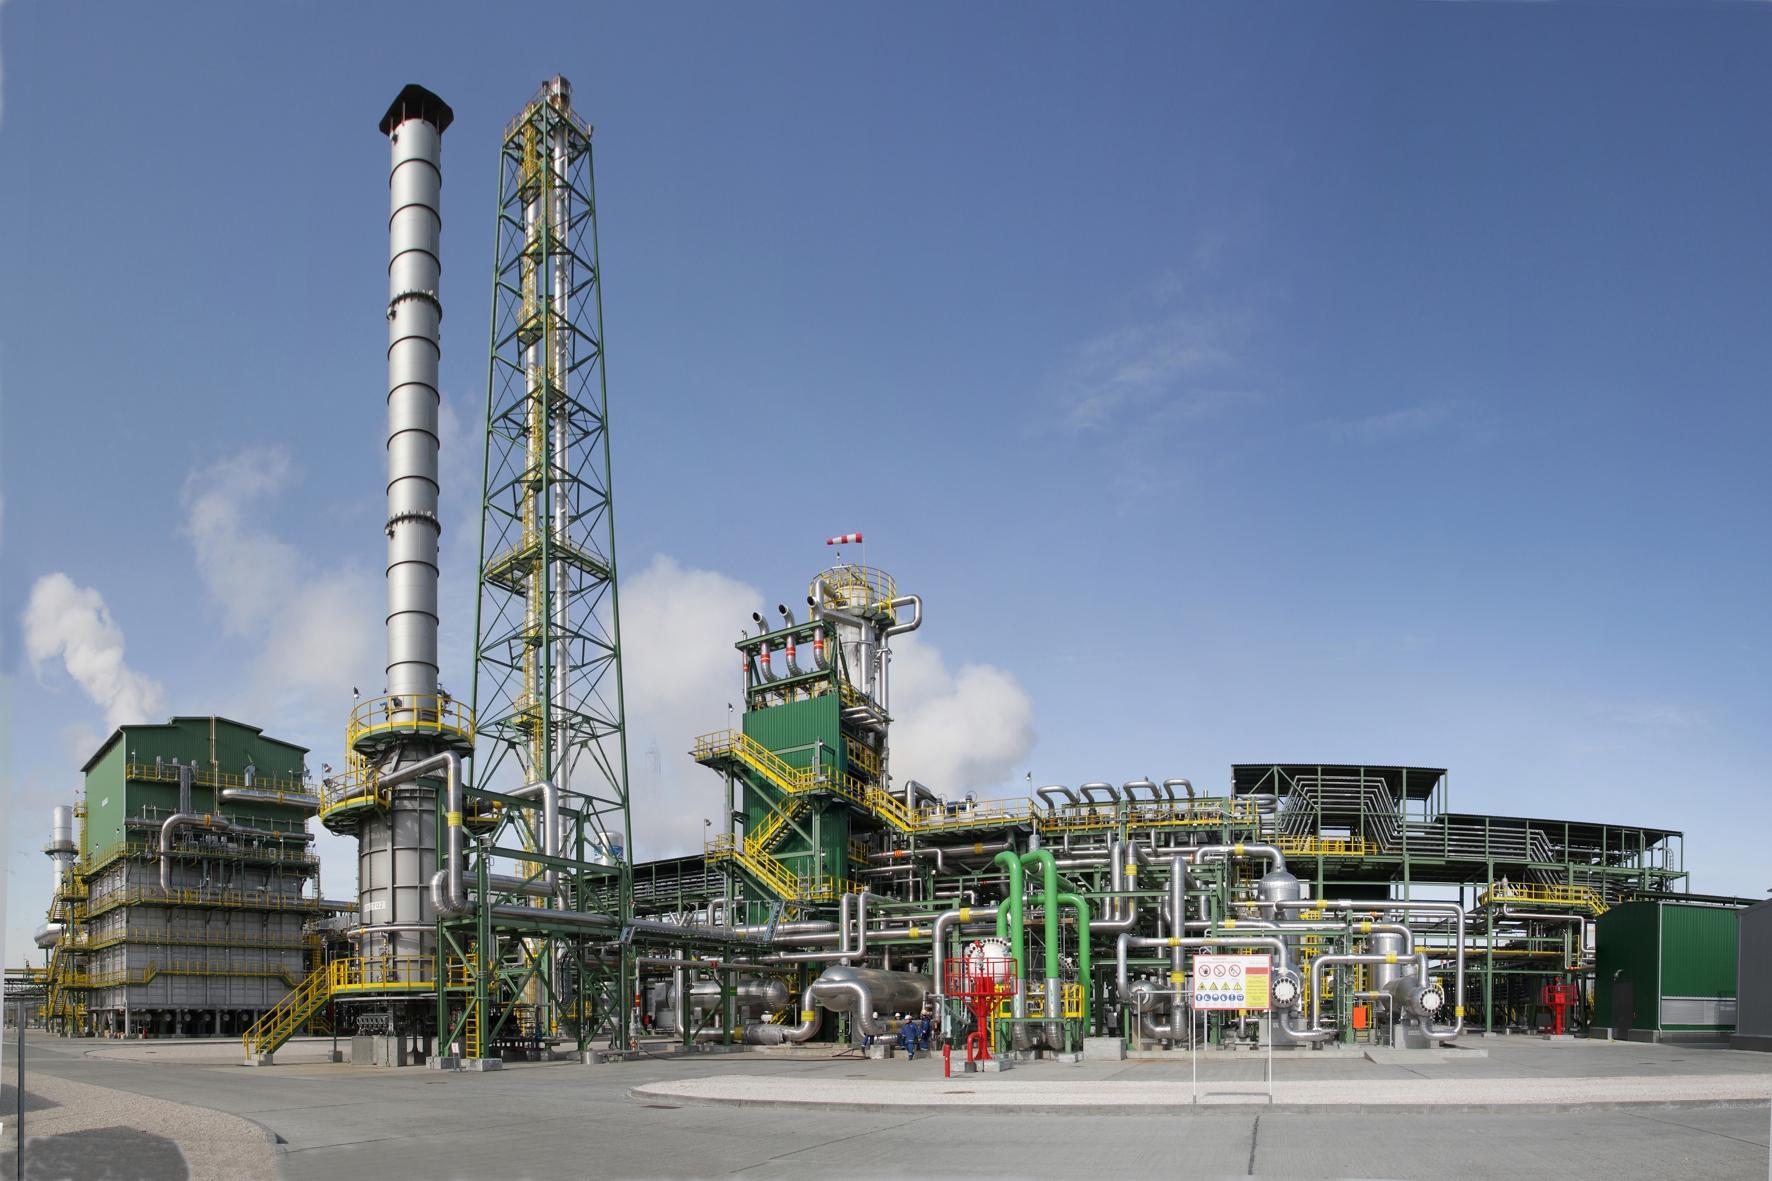 Начало работы совместного с немецкой компанией «Linde» производства аммиака — ООО «Линде Азот Тольятти».